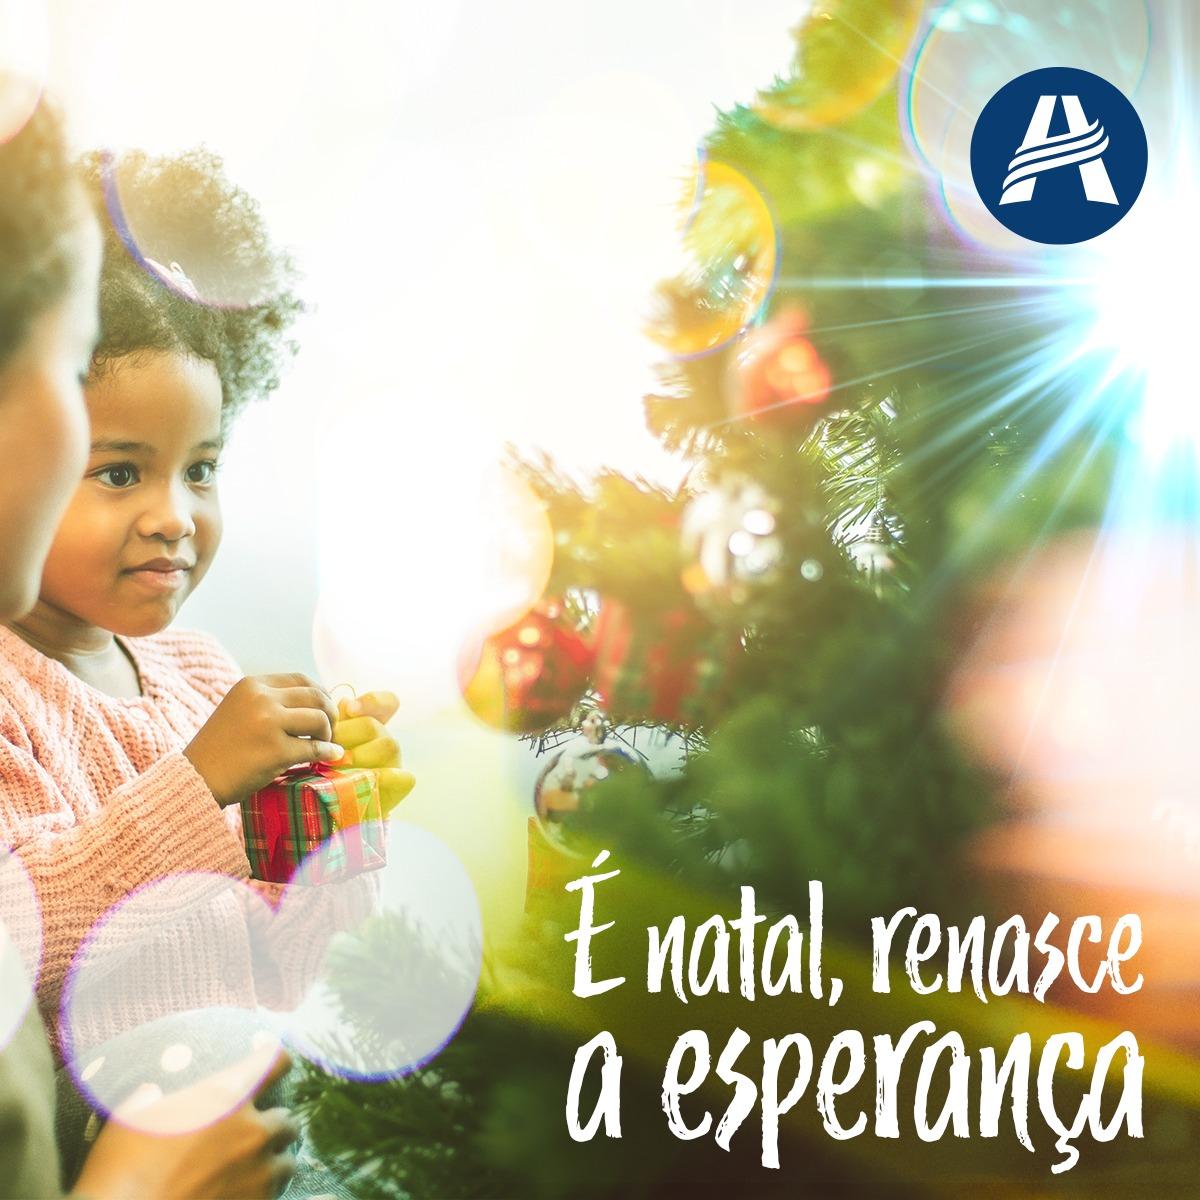 Natal - Educação Adventista